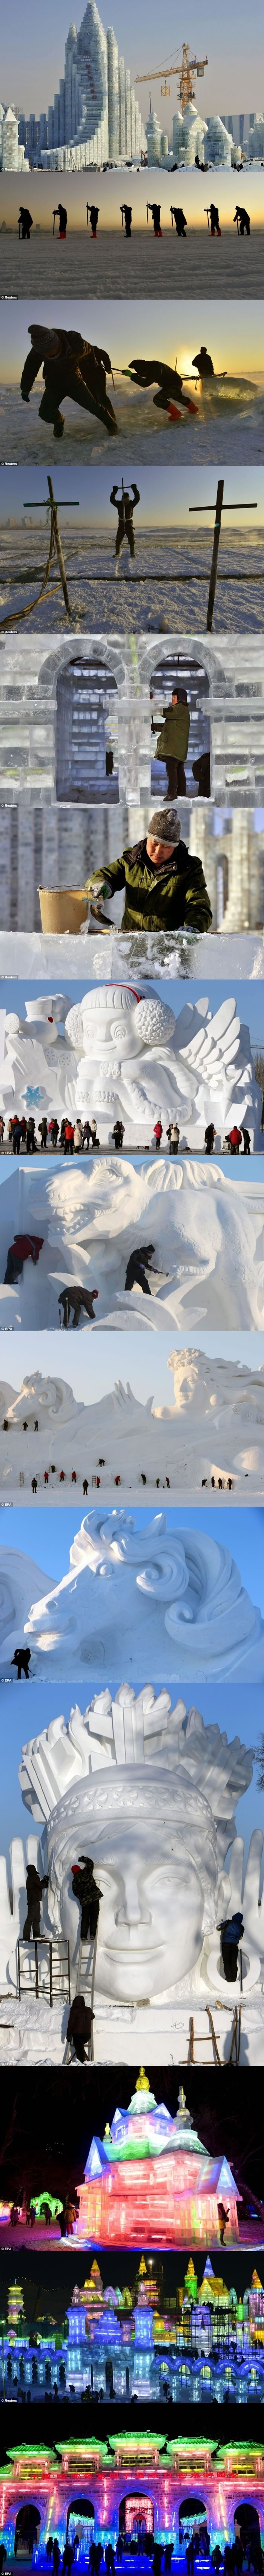 Giant frozen castle